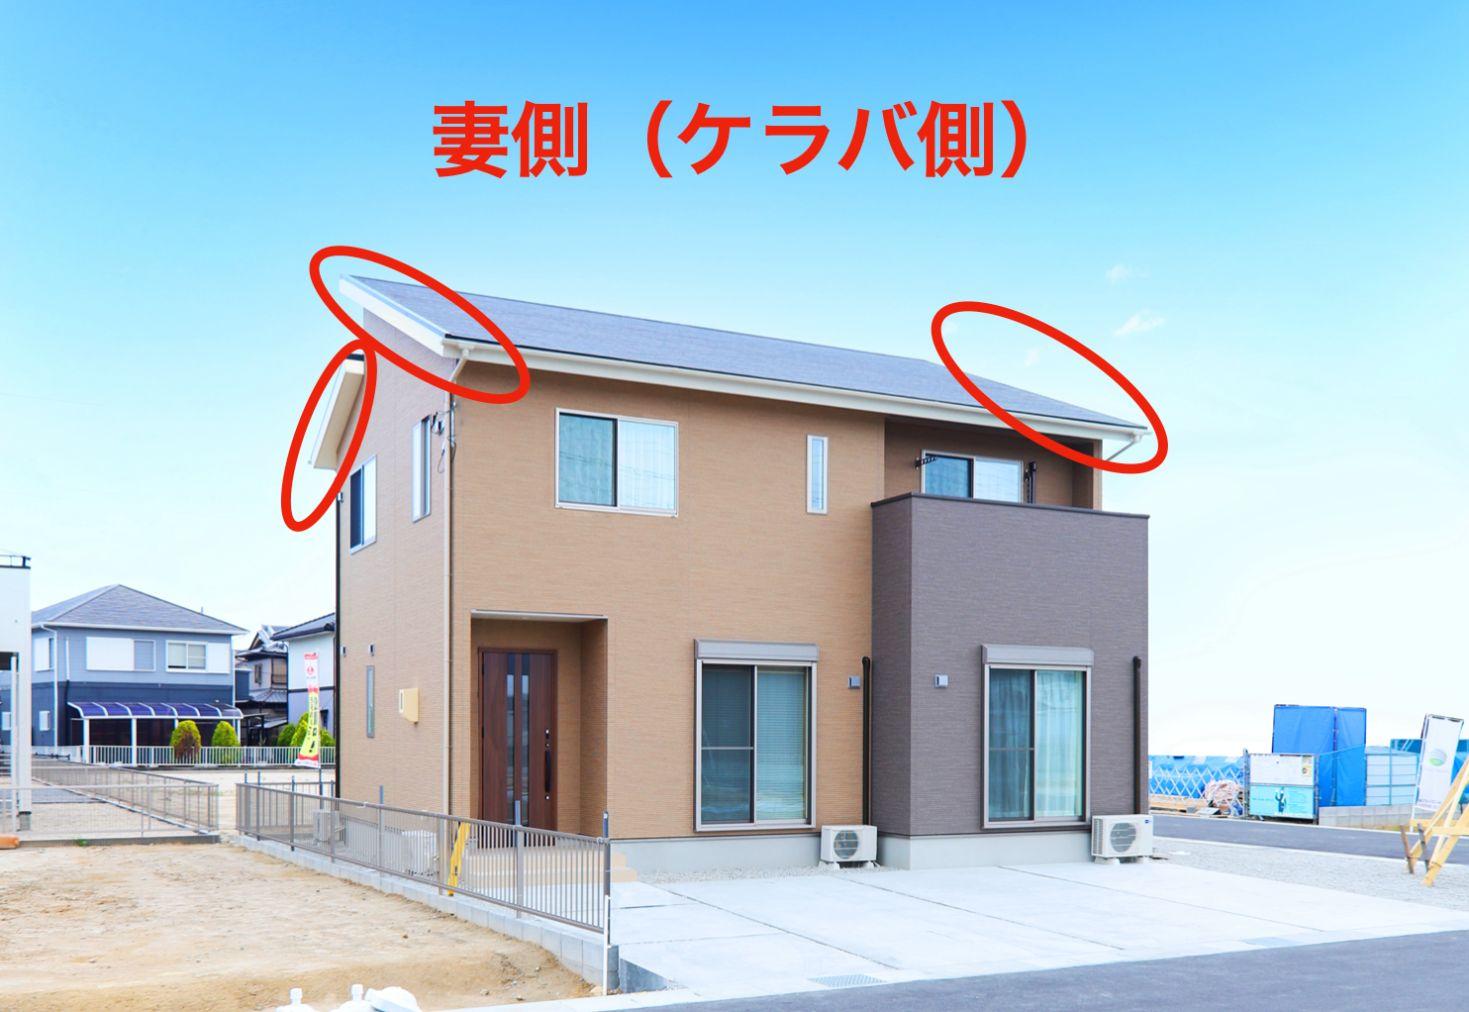 片流れ屋根 妻側(ケラバ側)